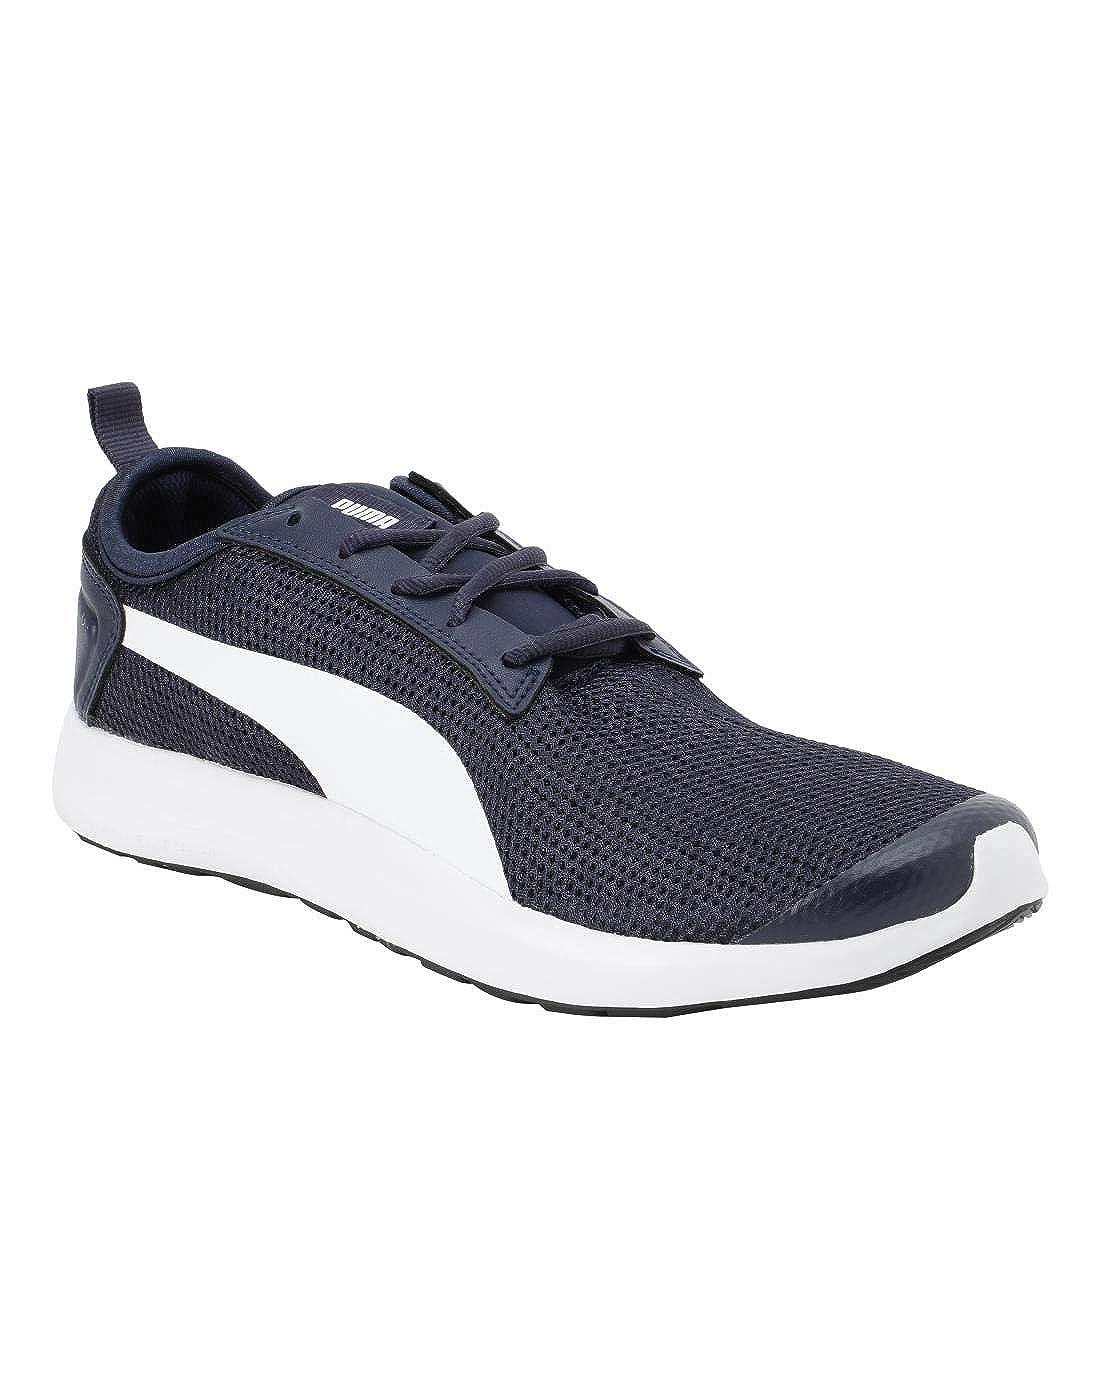 Breakout V2 Idp Peacoat White Sneaker